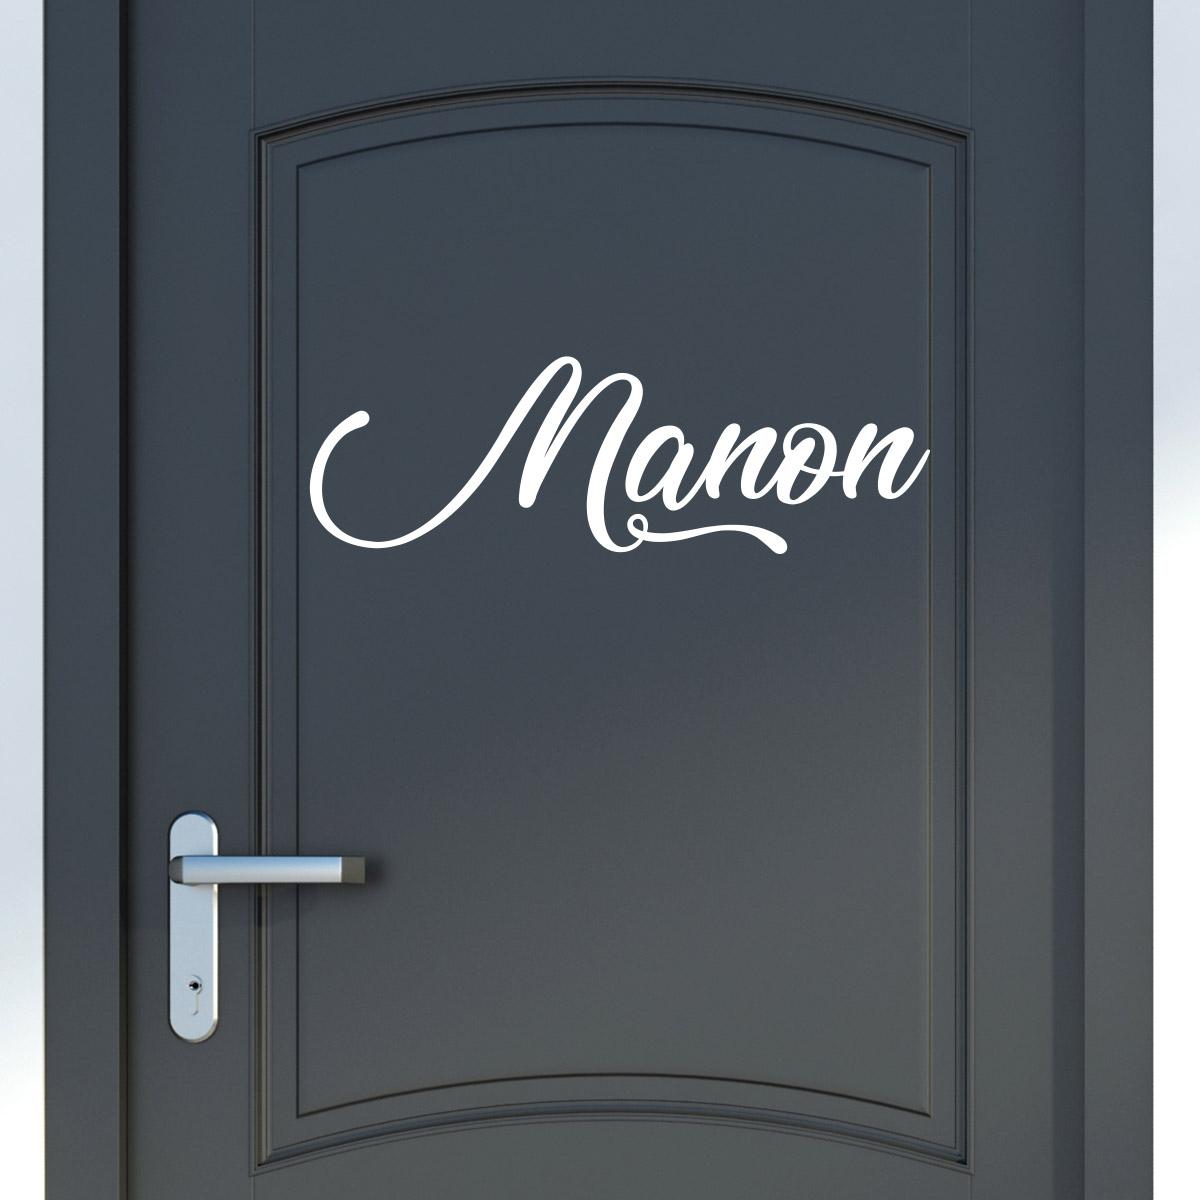 sticker pr nom personnalisable manuscrit agr able. Black Bedroom Furniture Sets. Home Design Ideas